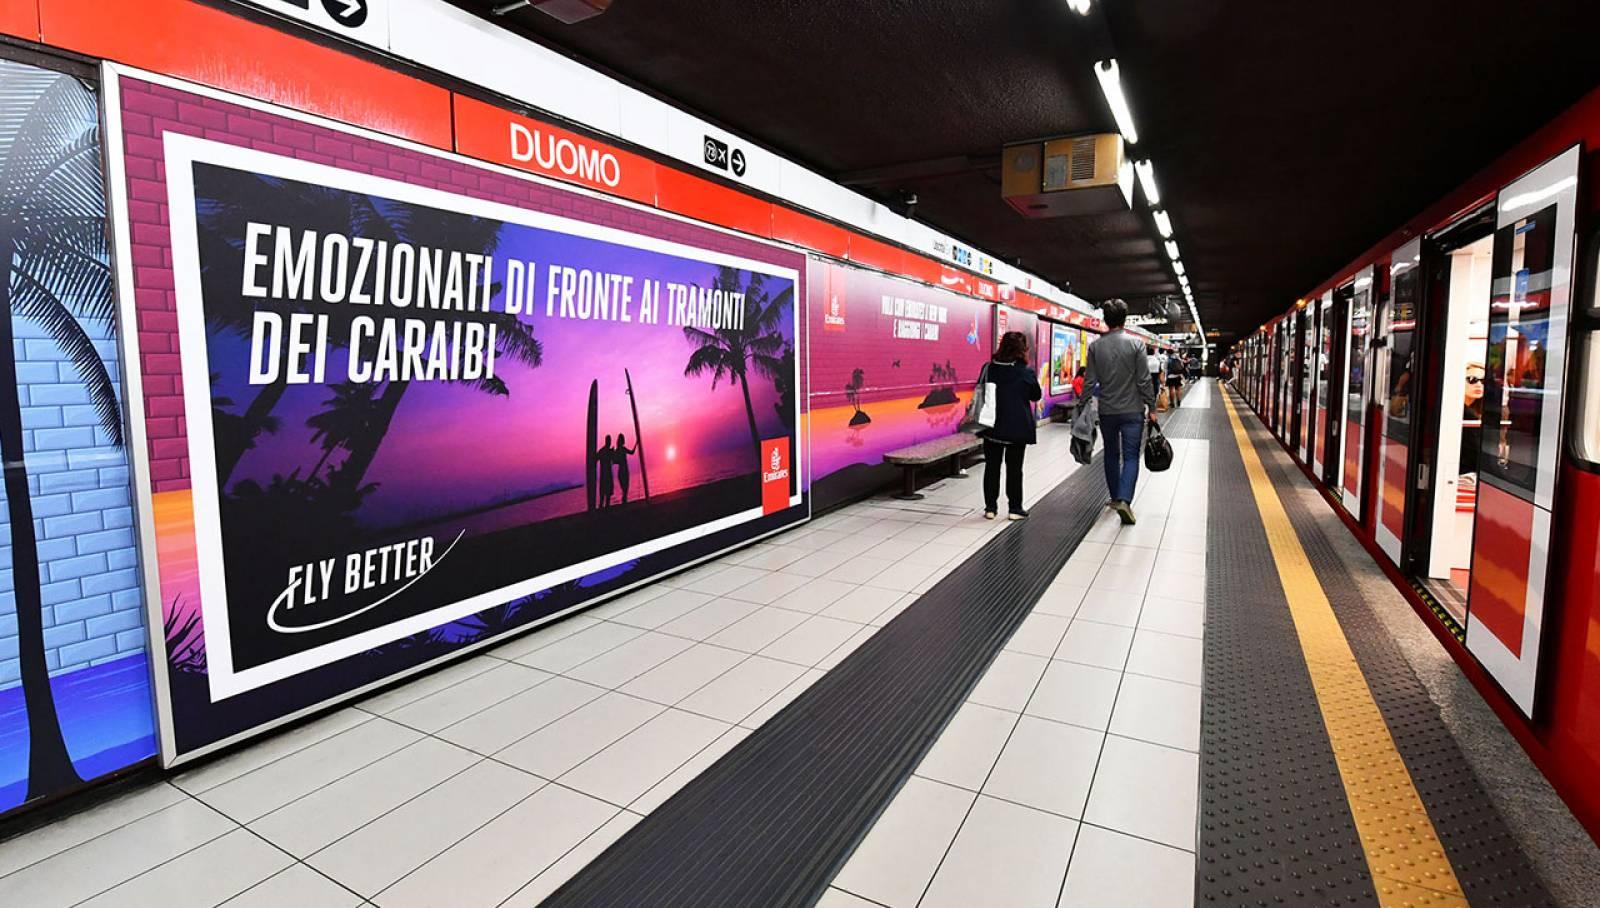 Comunicazione esterna IGPDecaux a Milano Station Domination per Emirates